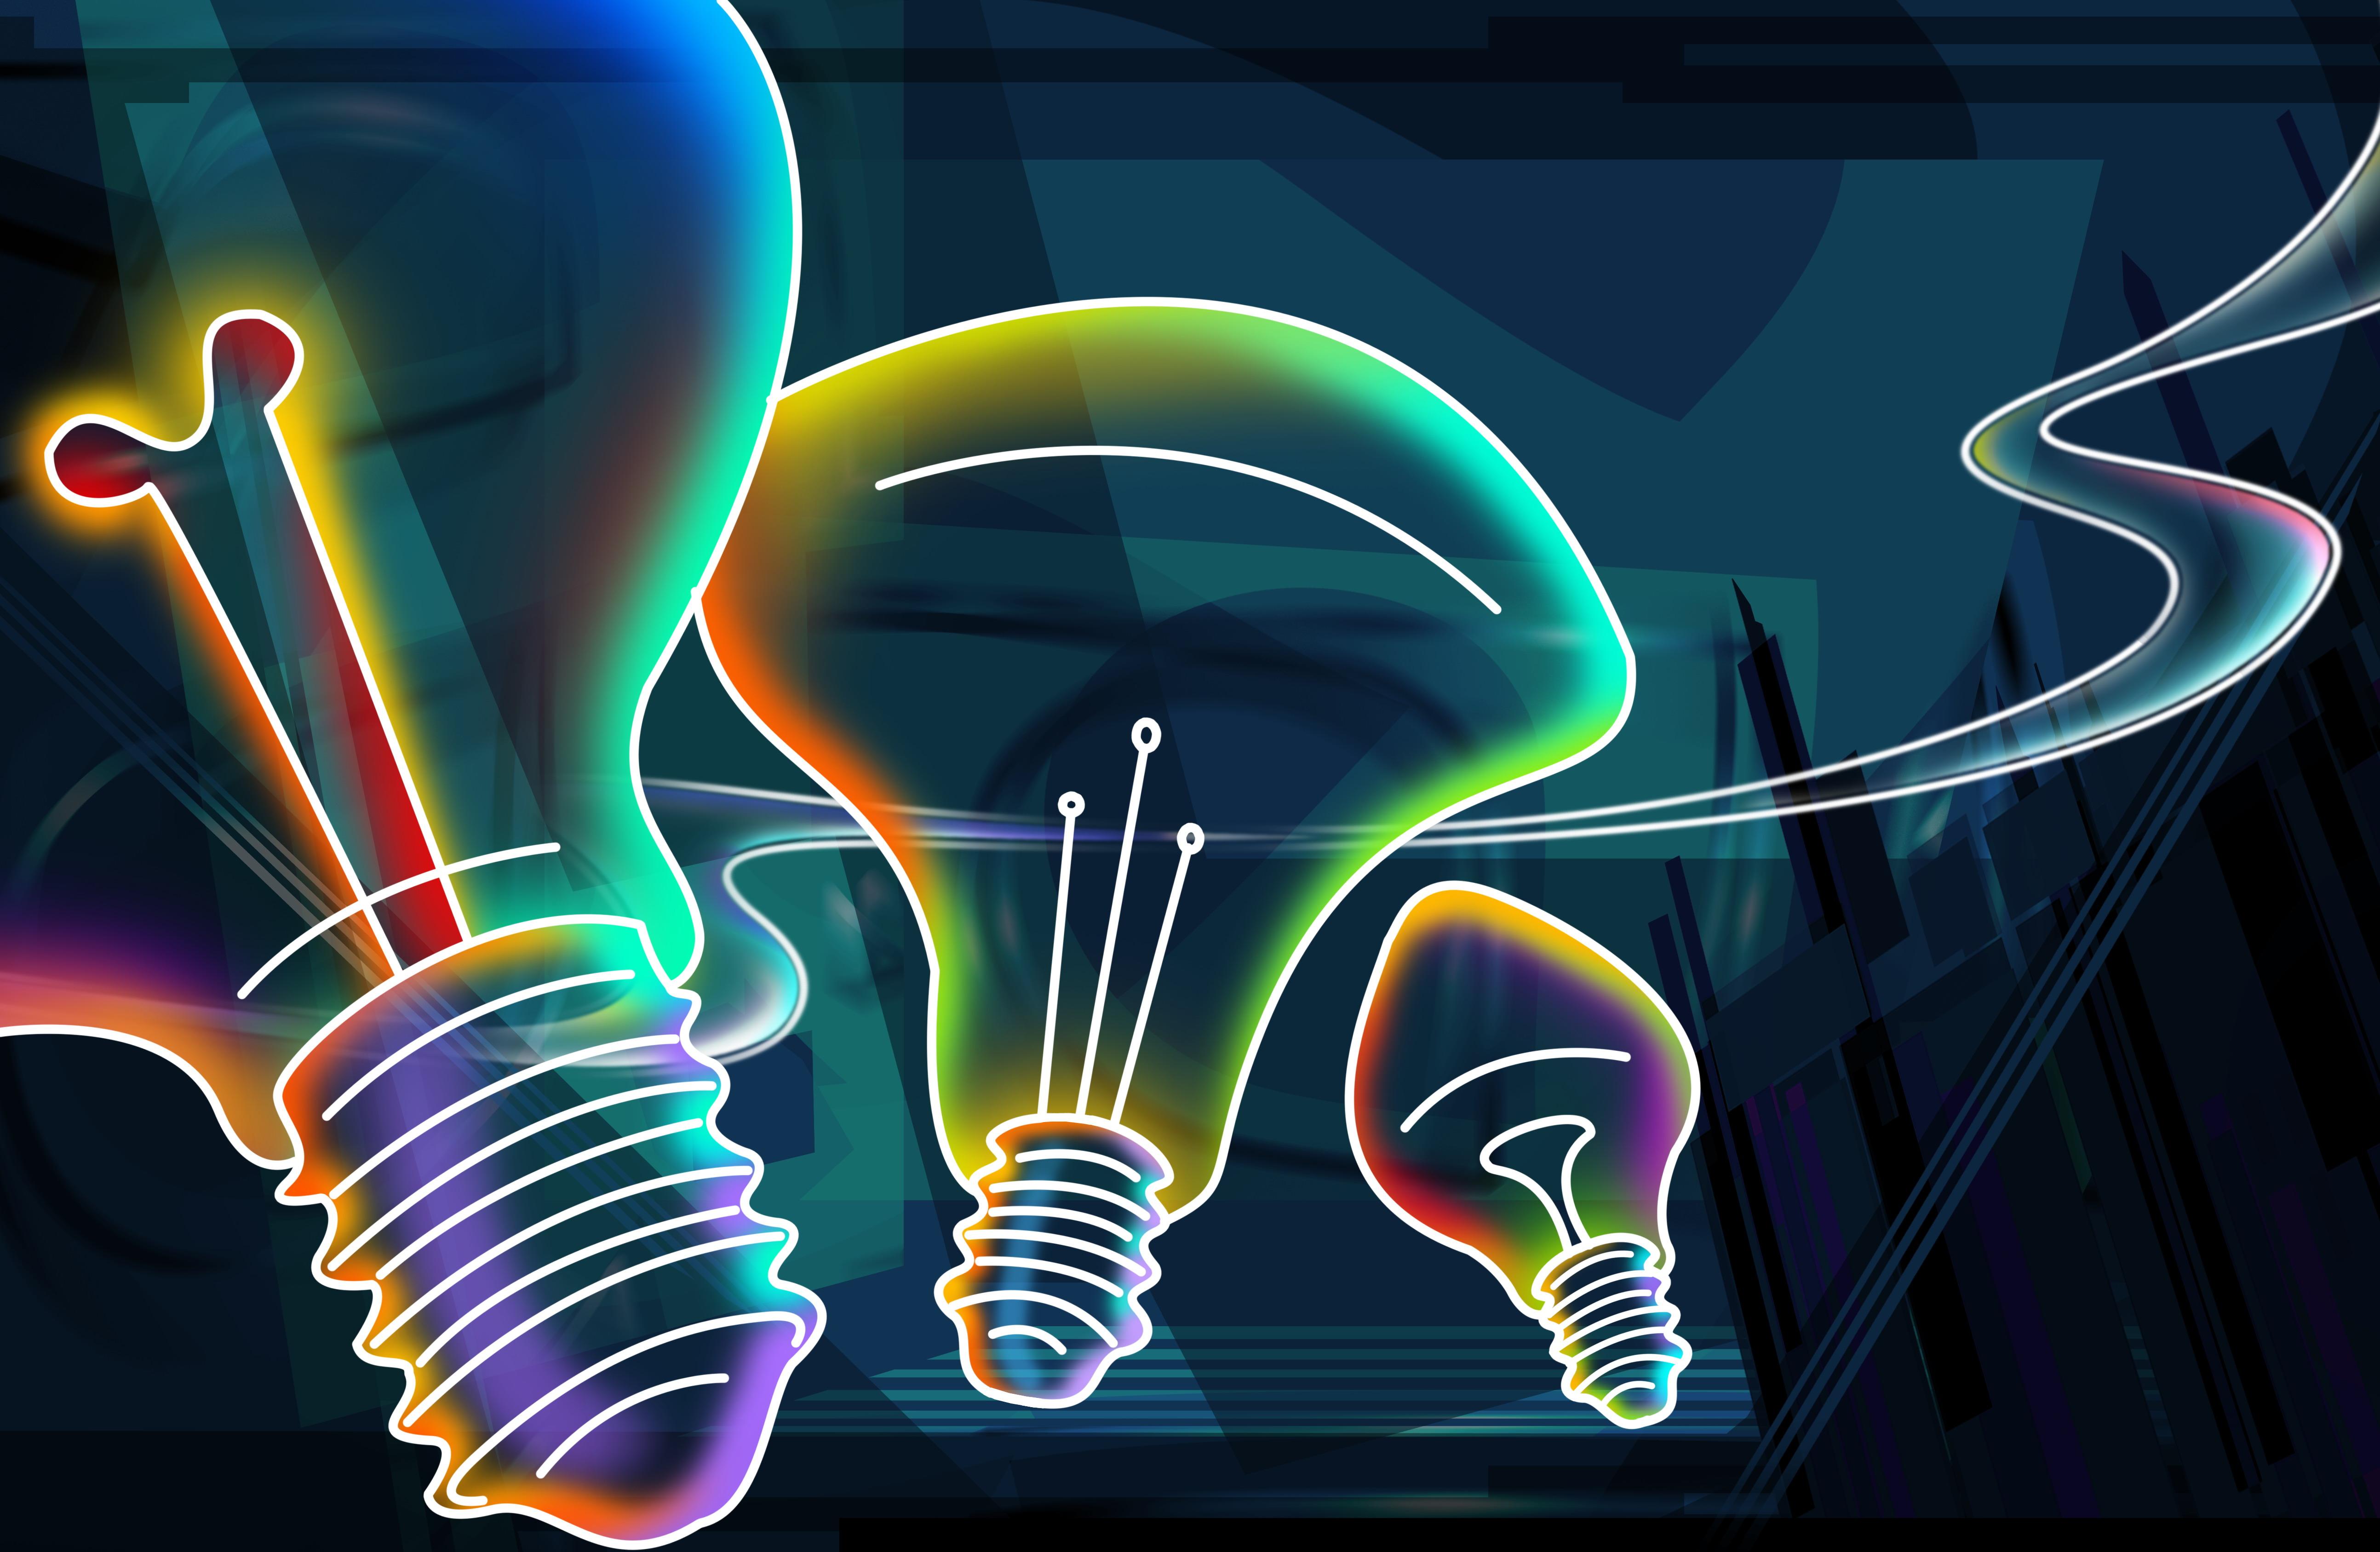 Cool Neon Wallpaper wallpaper Cool Neon Wallpaper hd wallpaper 5175x3375